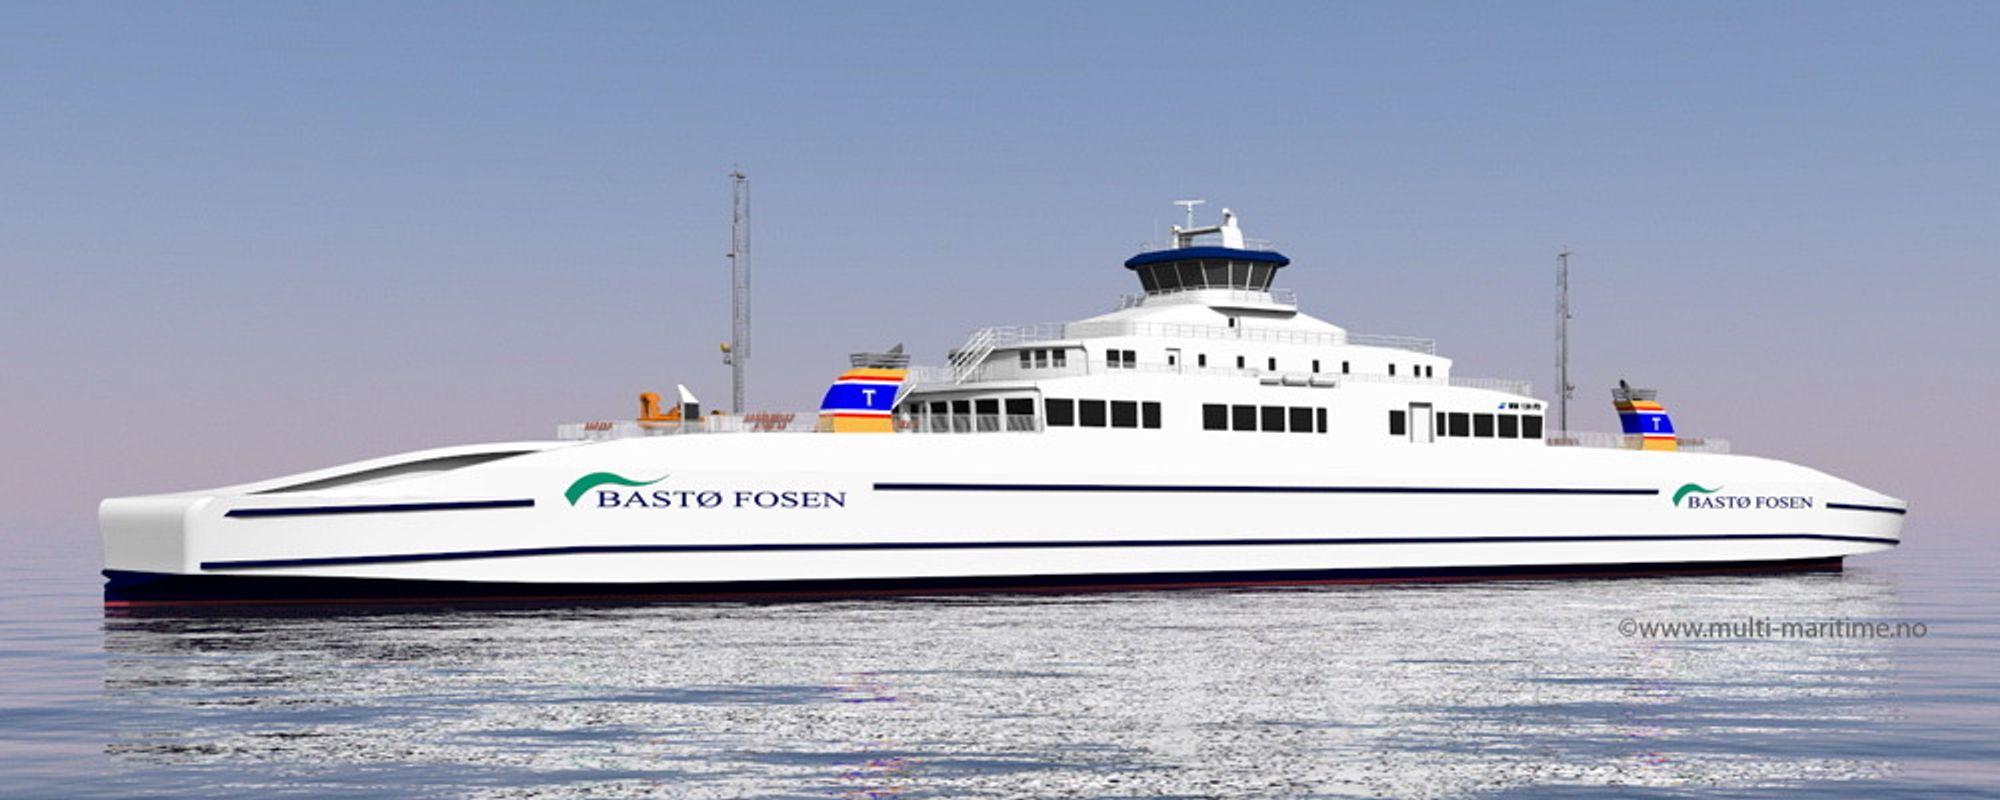 Ny ferje for Moss-Horten-sambandet. Designet av Multi  Maritime med plass til 200 biler, 24-30 vogntog og 600 passasjerer. Ferjen blir 142 meter lang og 21 meter bred.